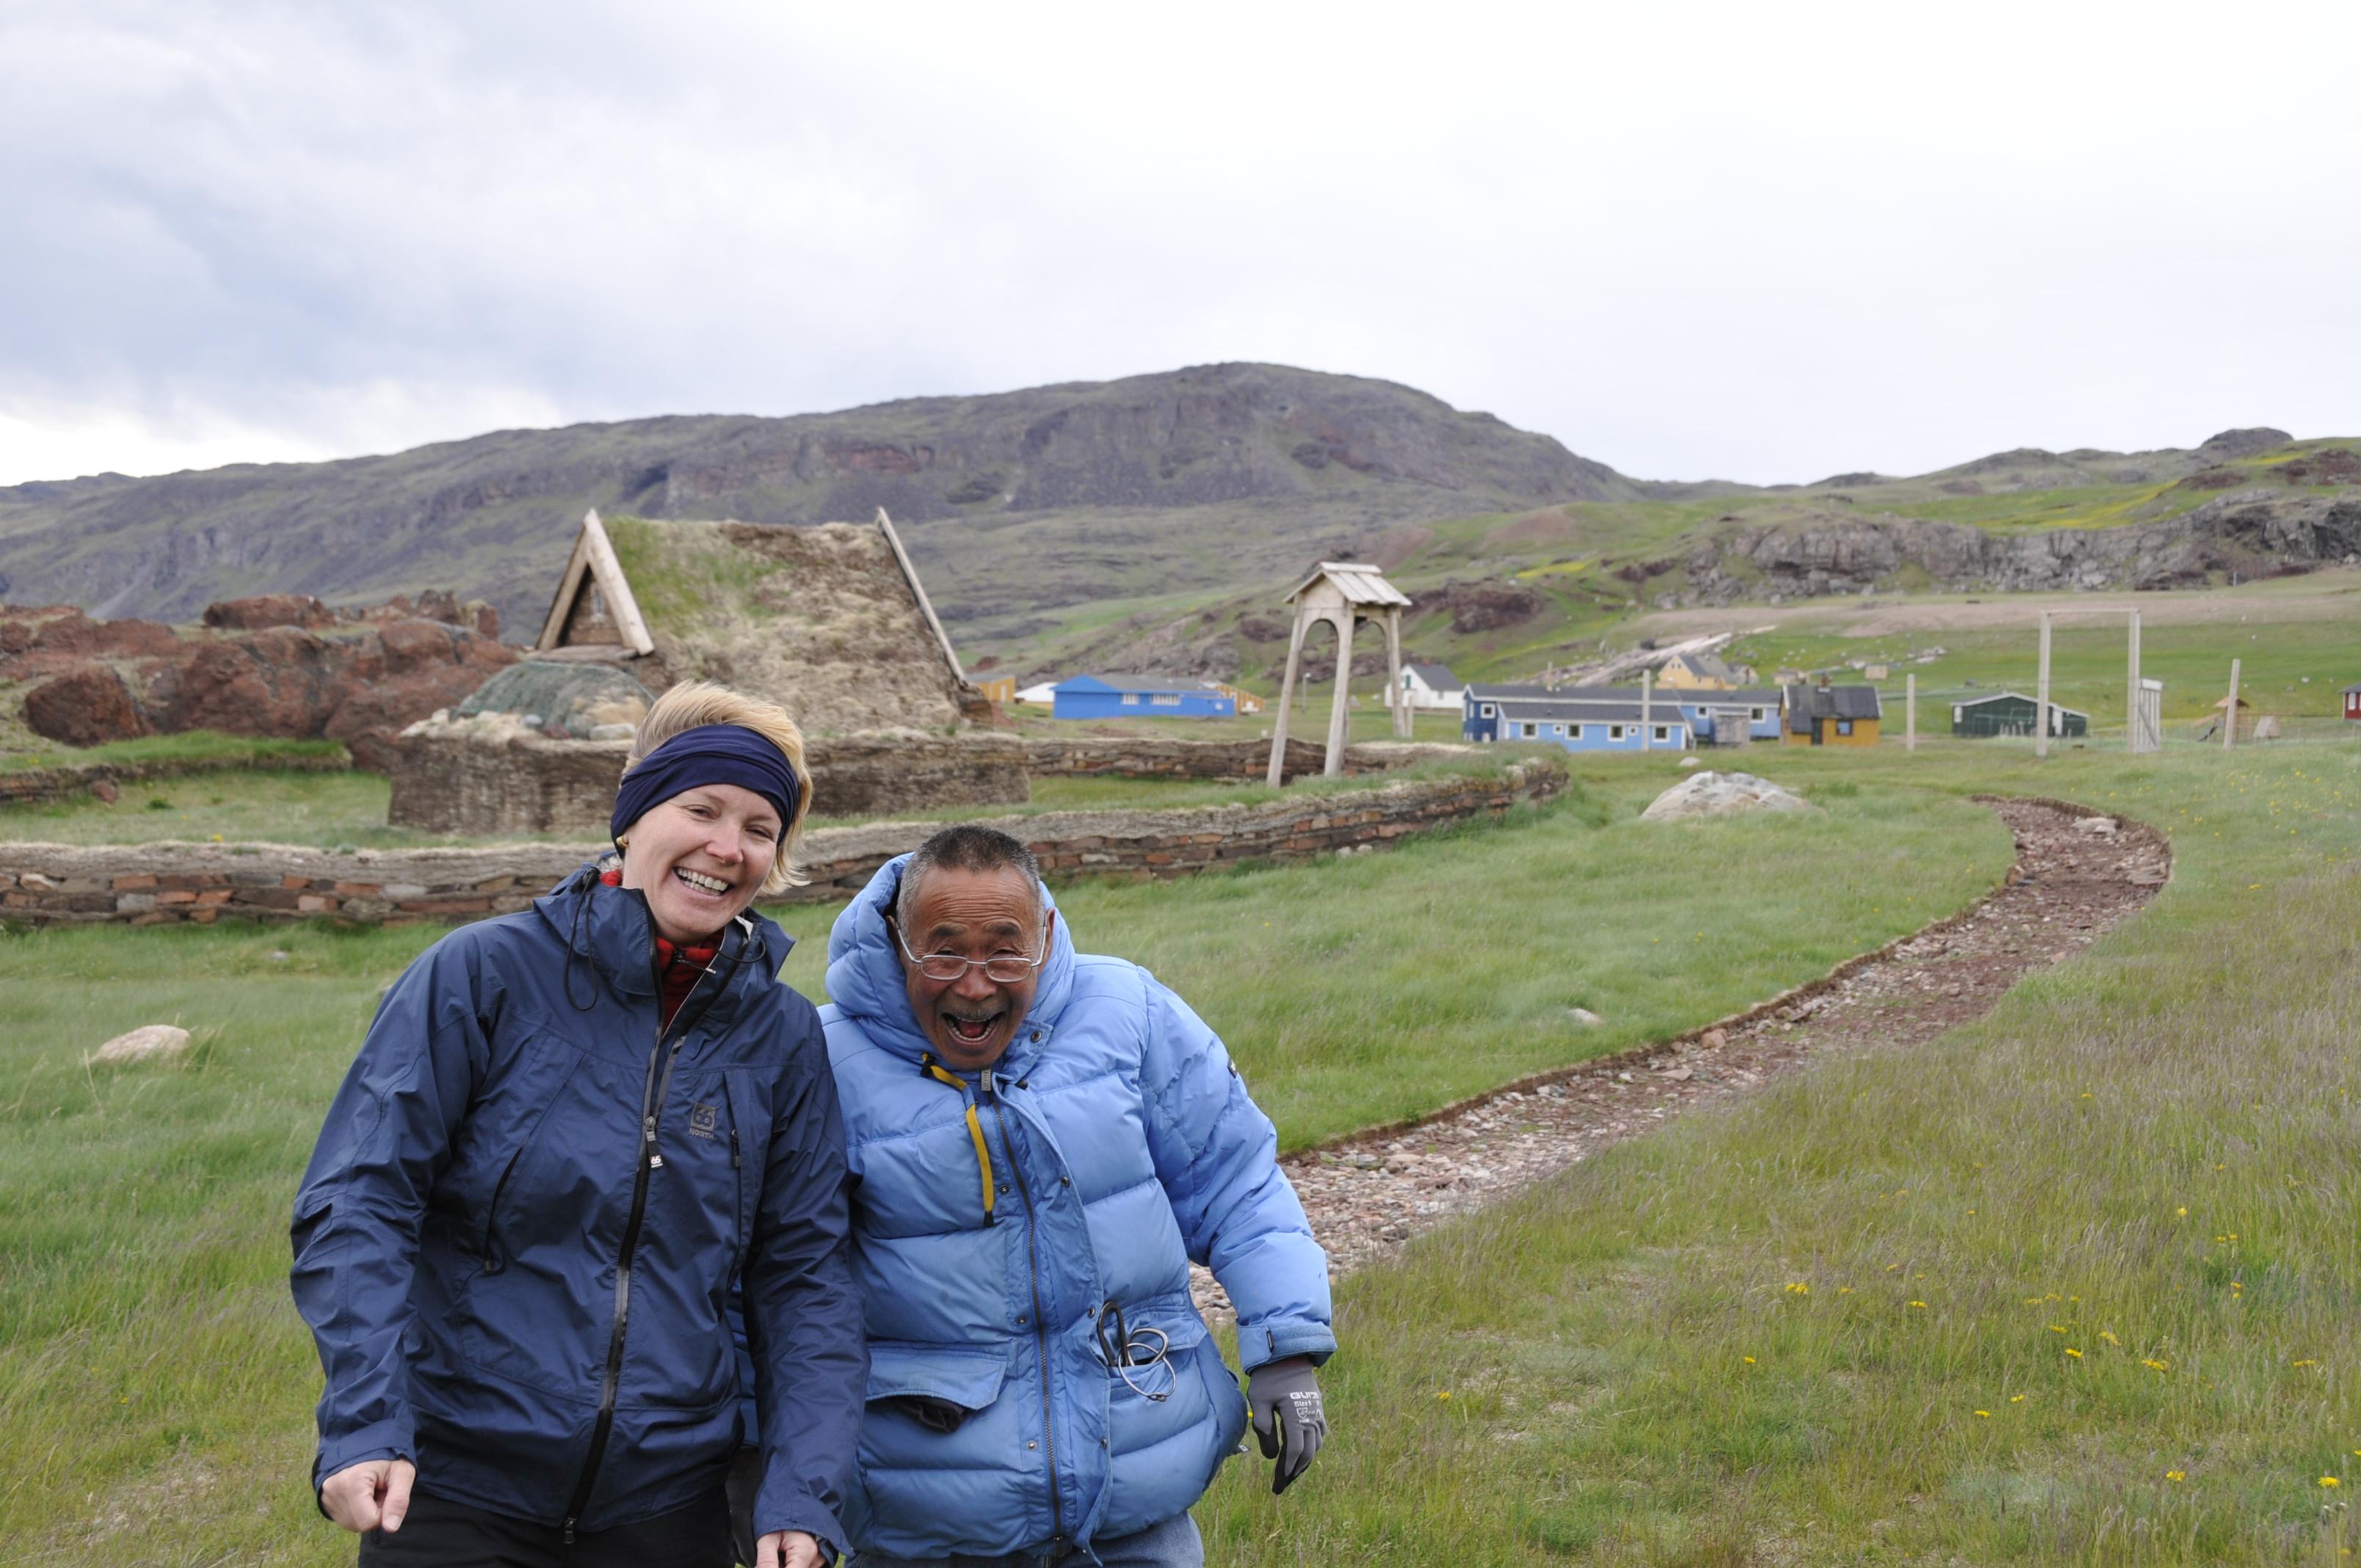 Frau mit Grönländer grinsend, in der Siedlung Brattahlid